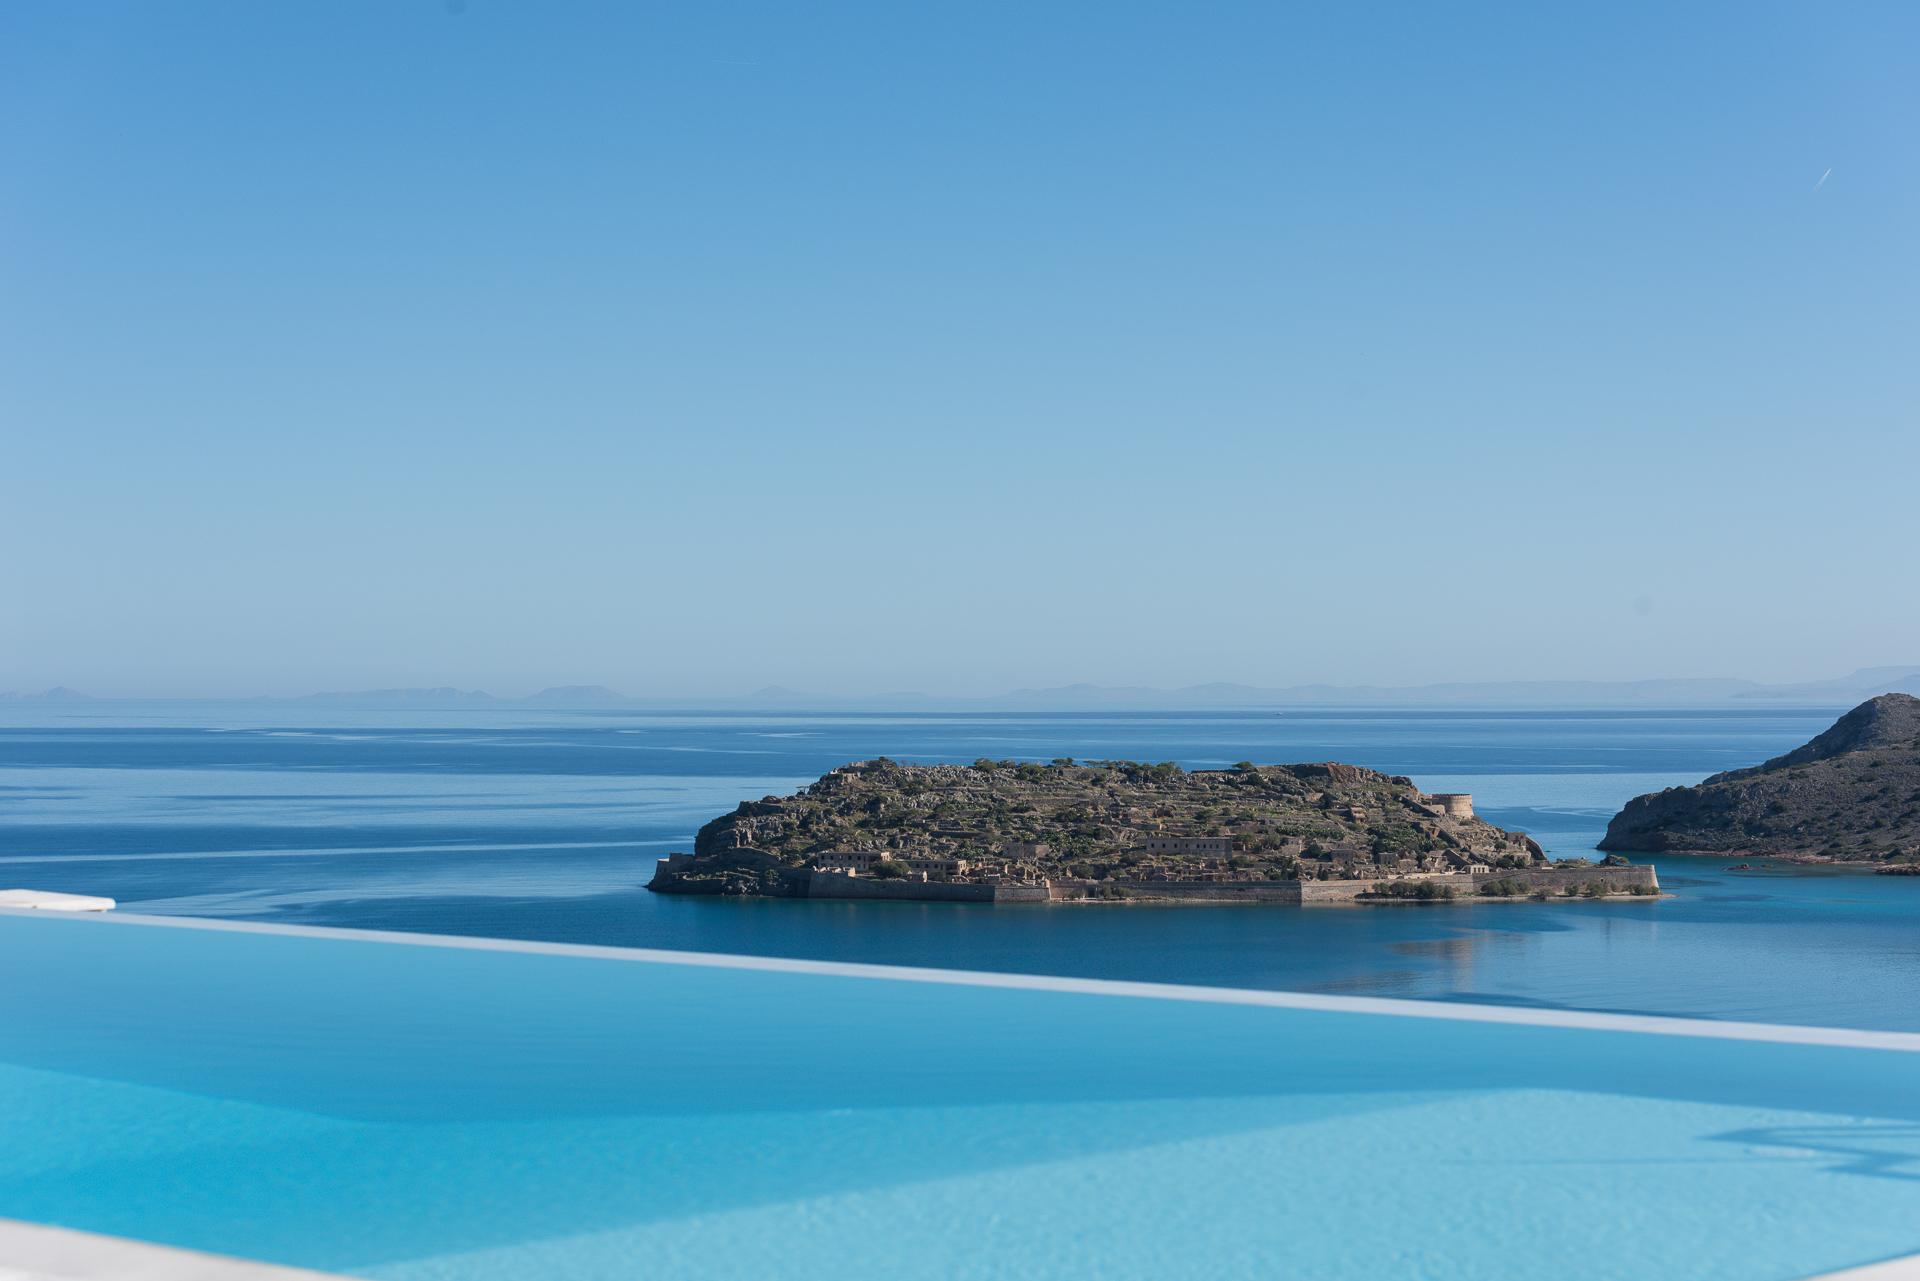 Spinalonga islan pool view